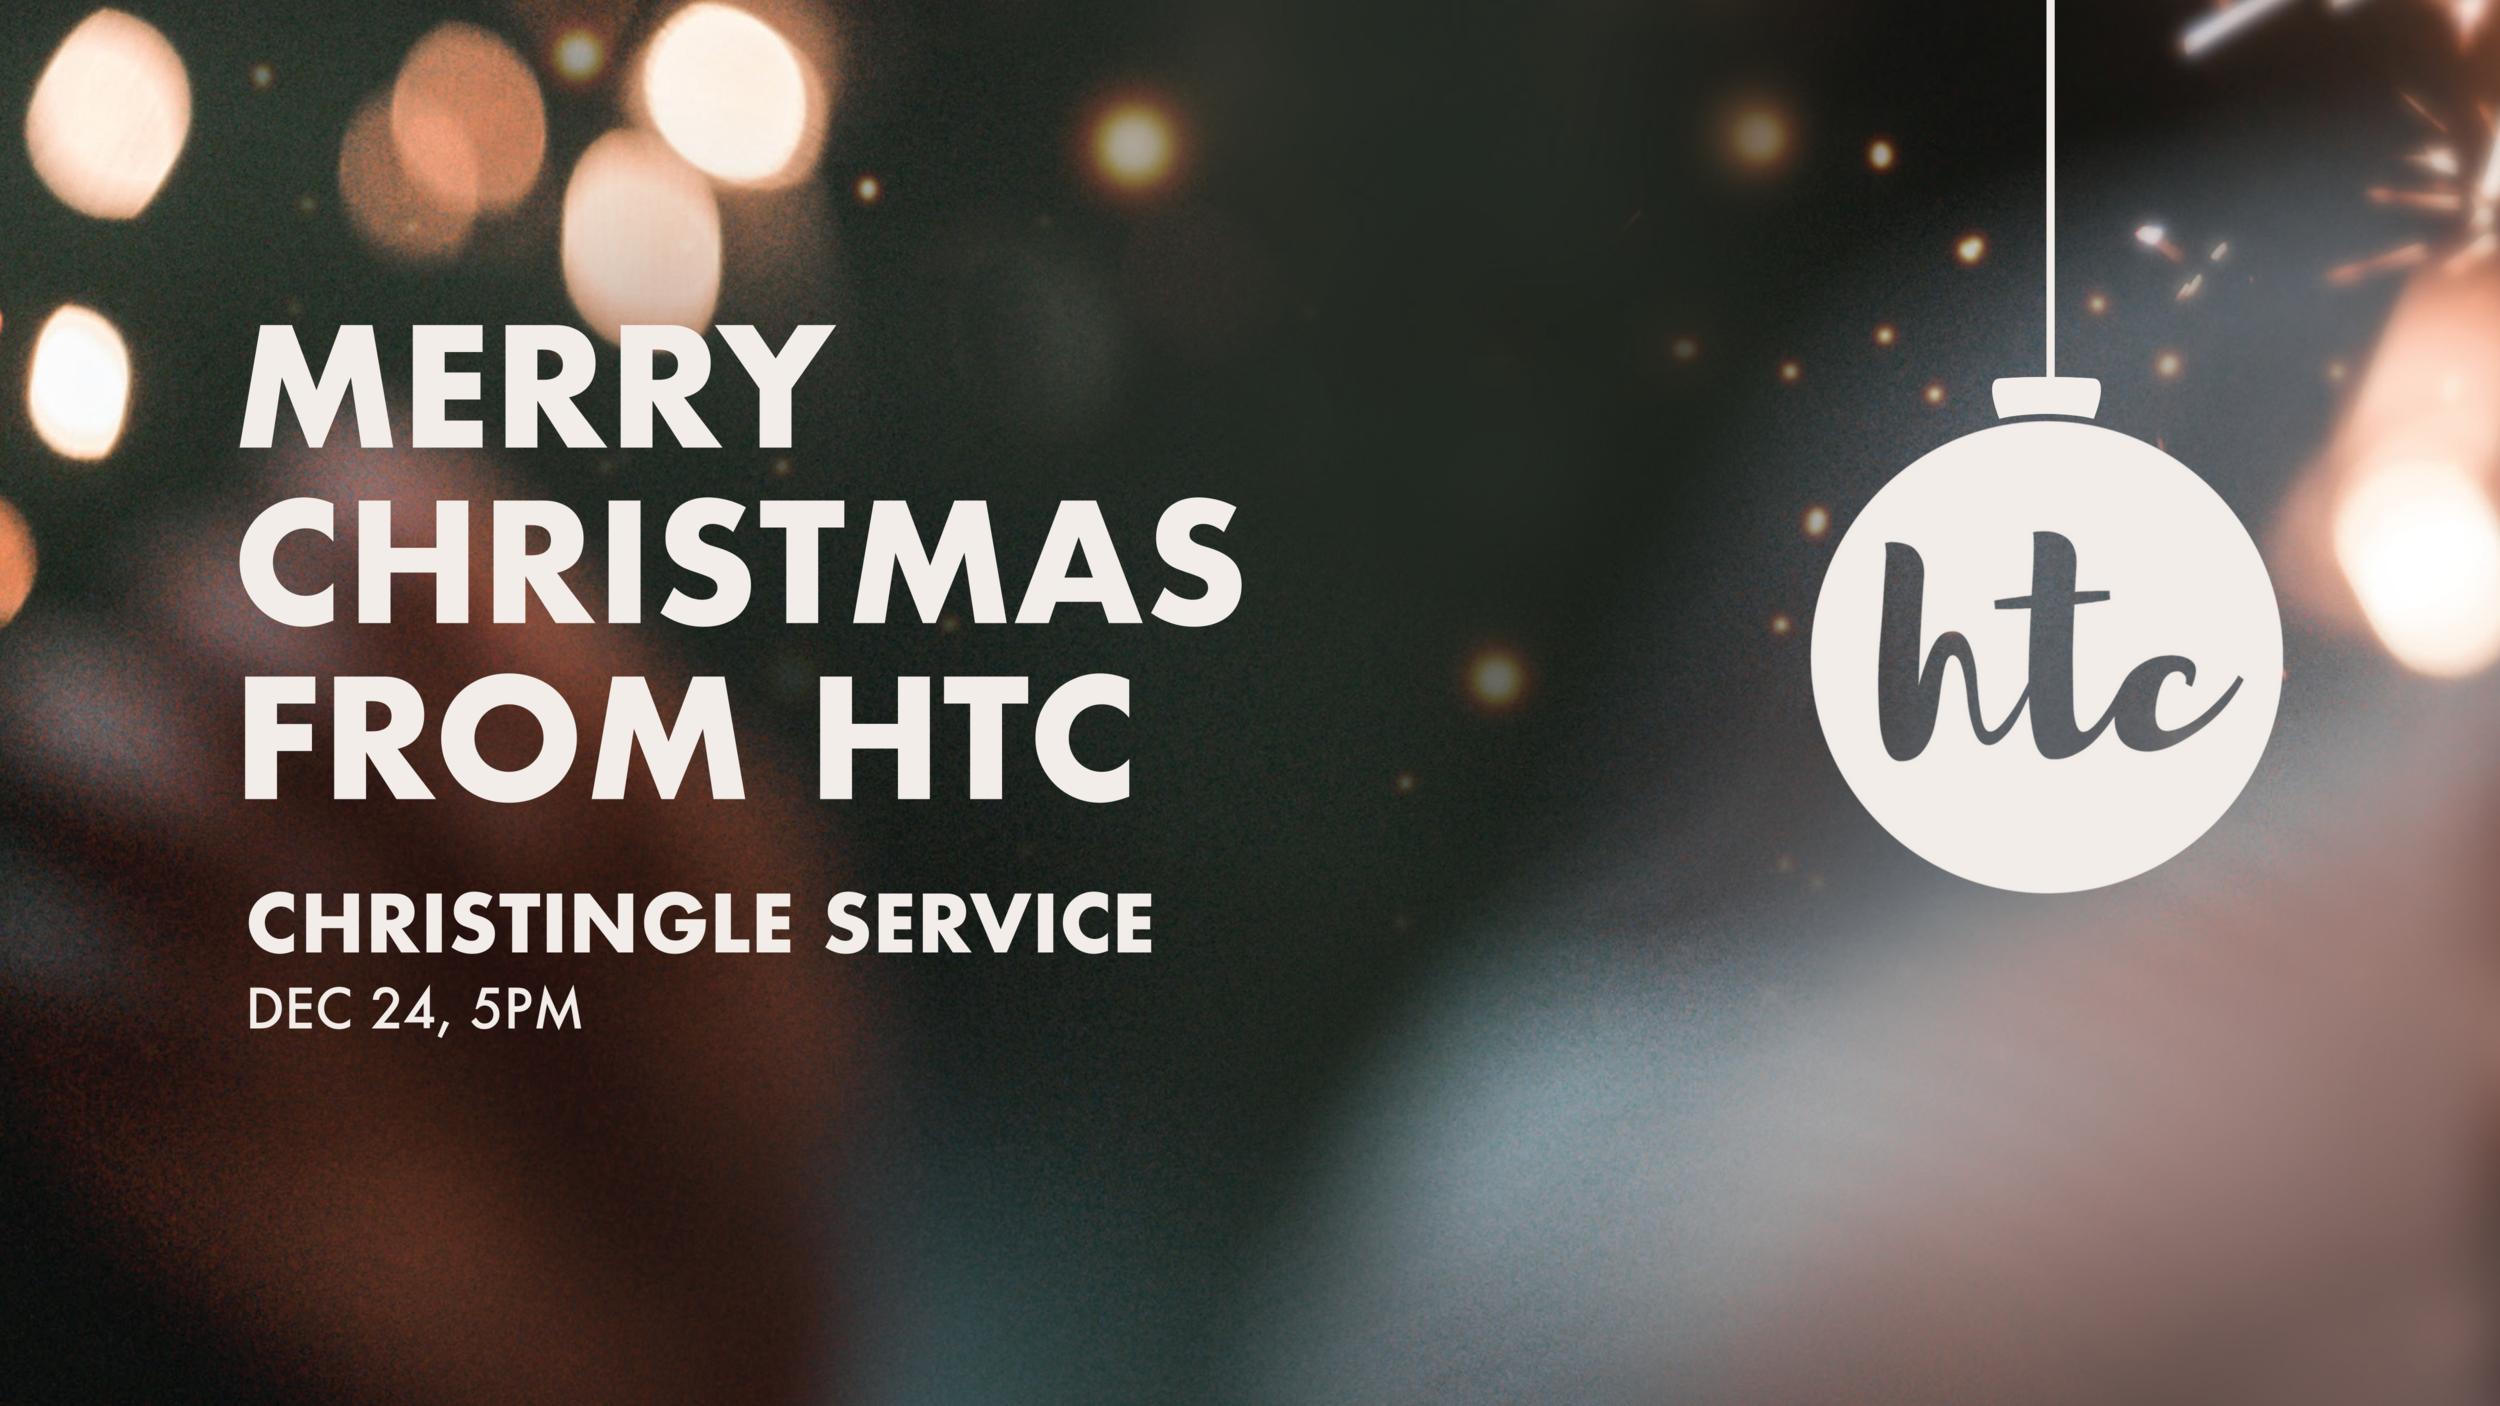 christingle - 181028_HTC_Christmas-Screens-16-9_V03.0-7.png